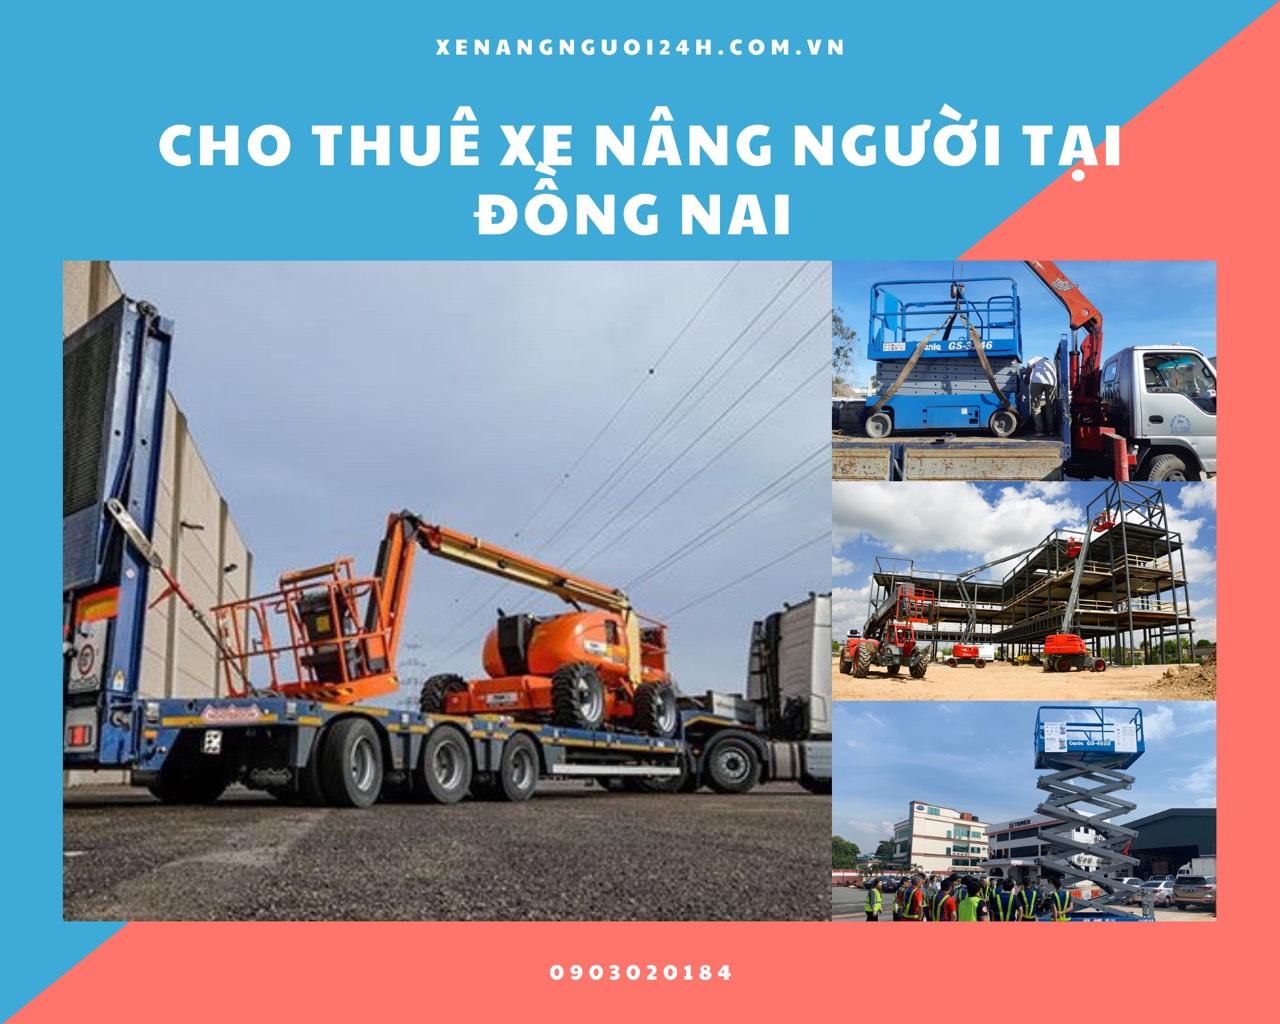 cho-thue-xe-nang-nguoi-tai-dong-nai